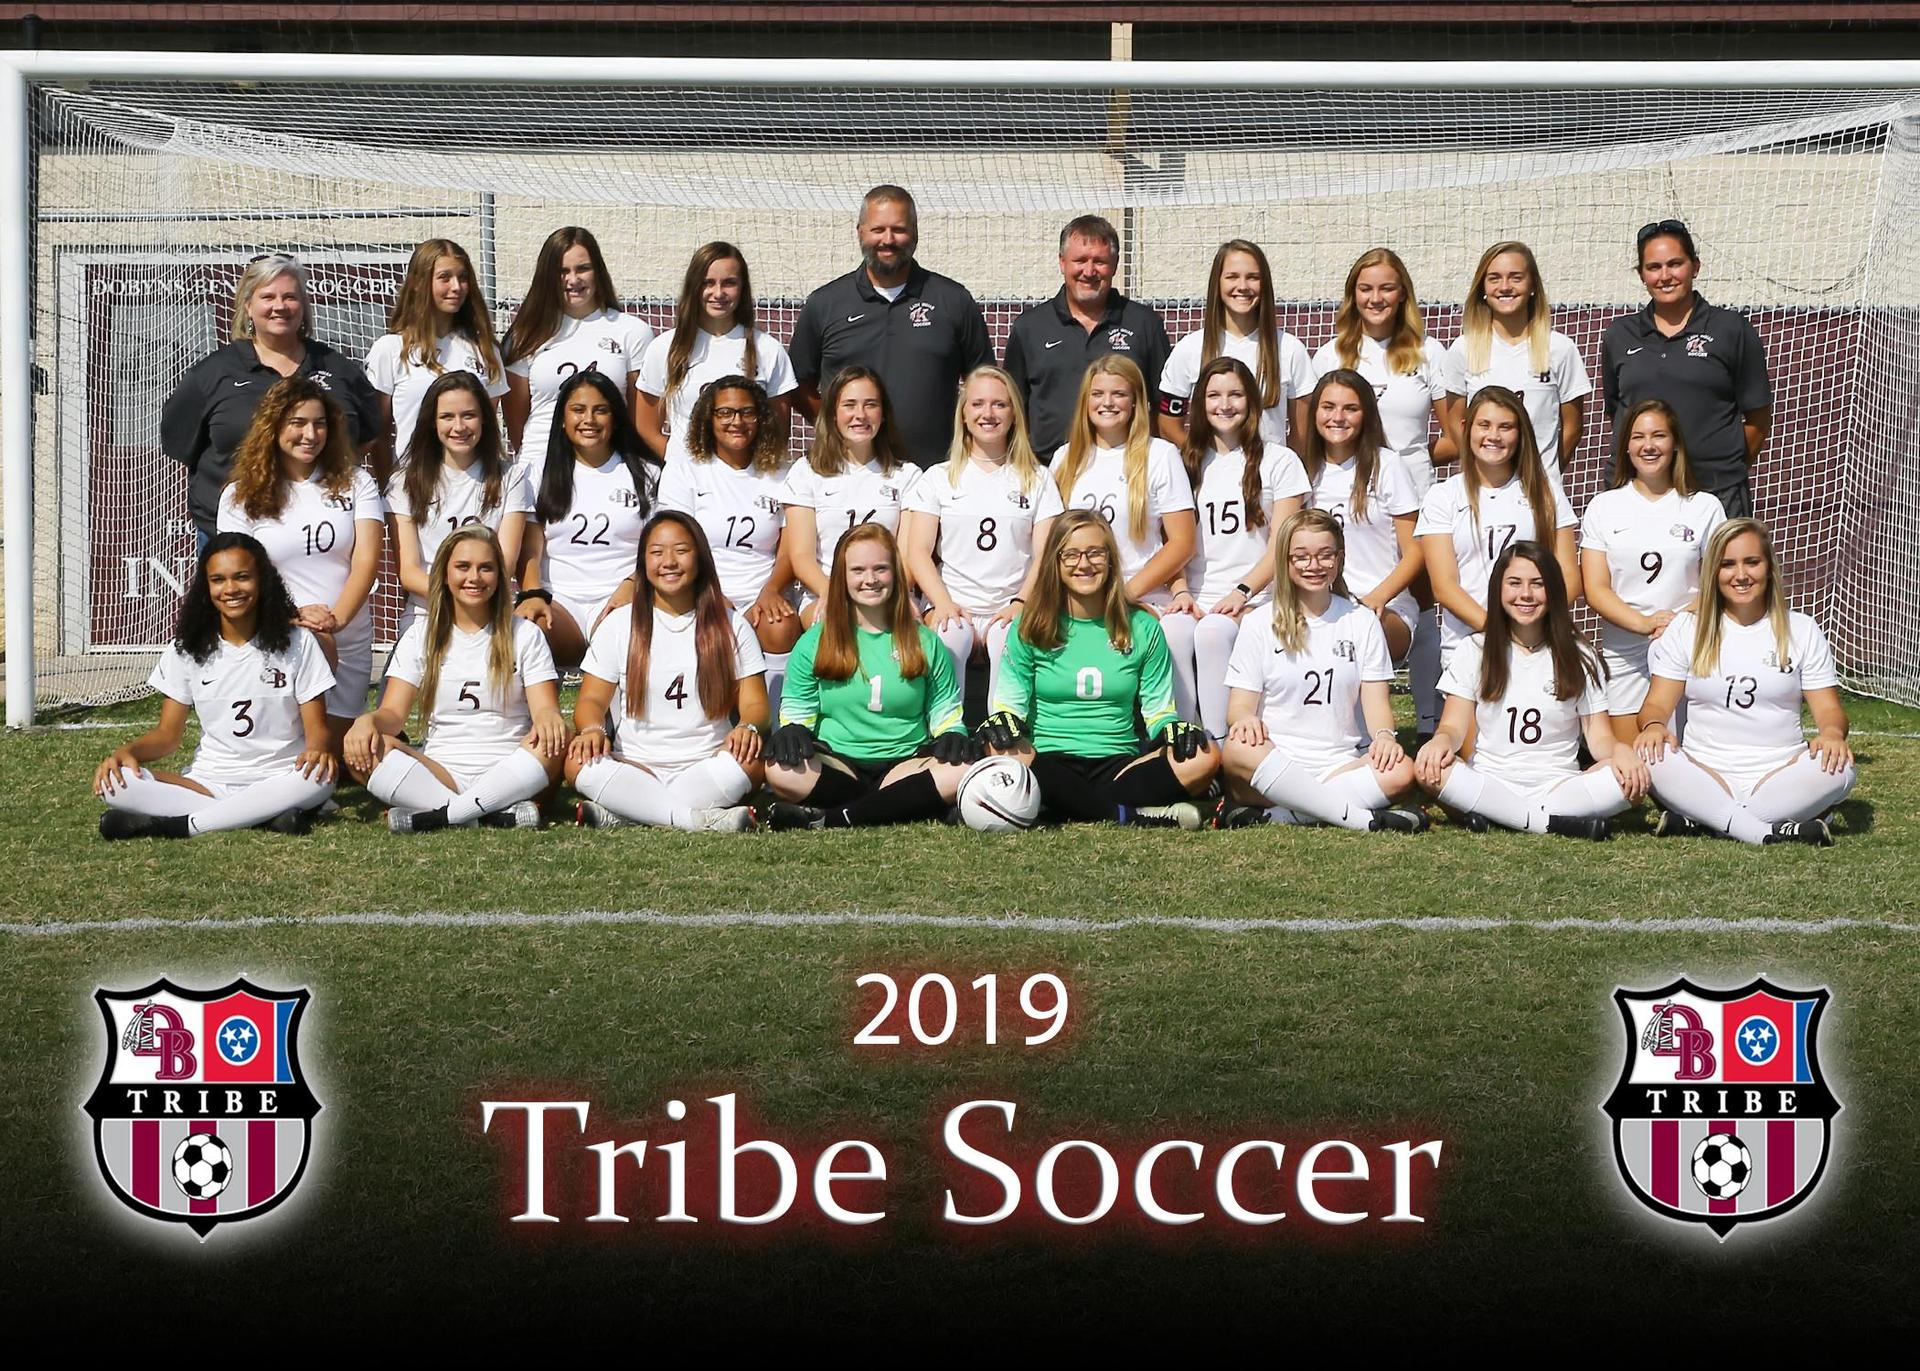 g soccer team